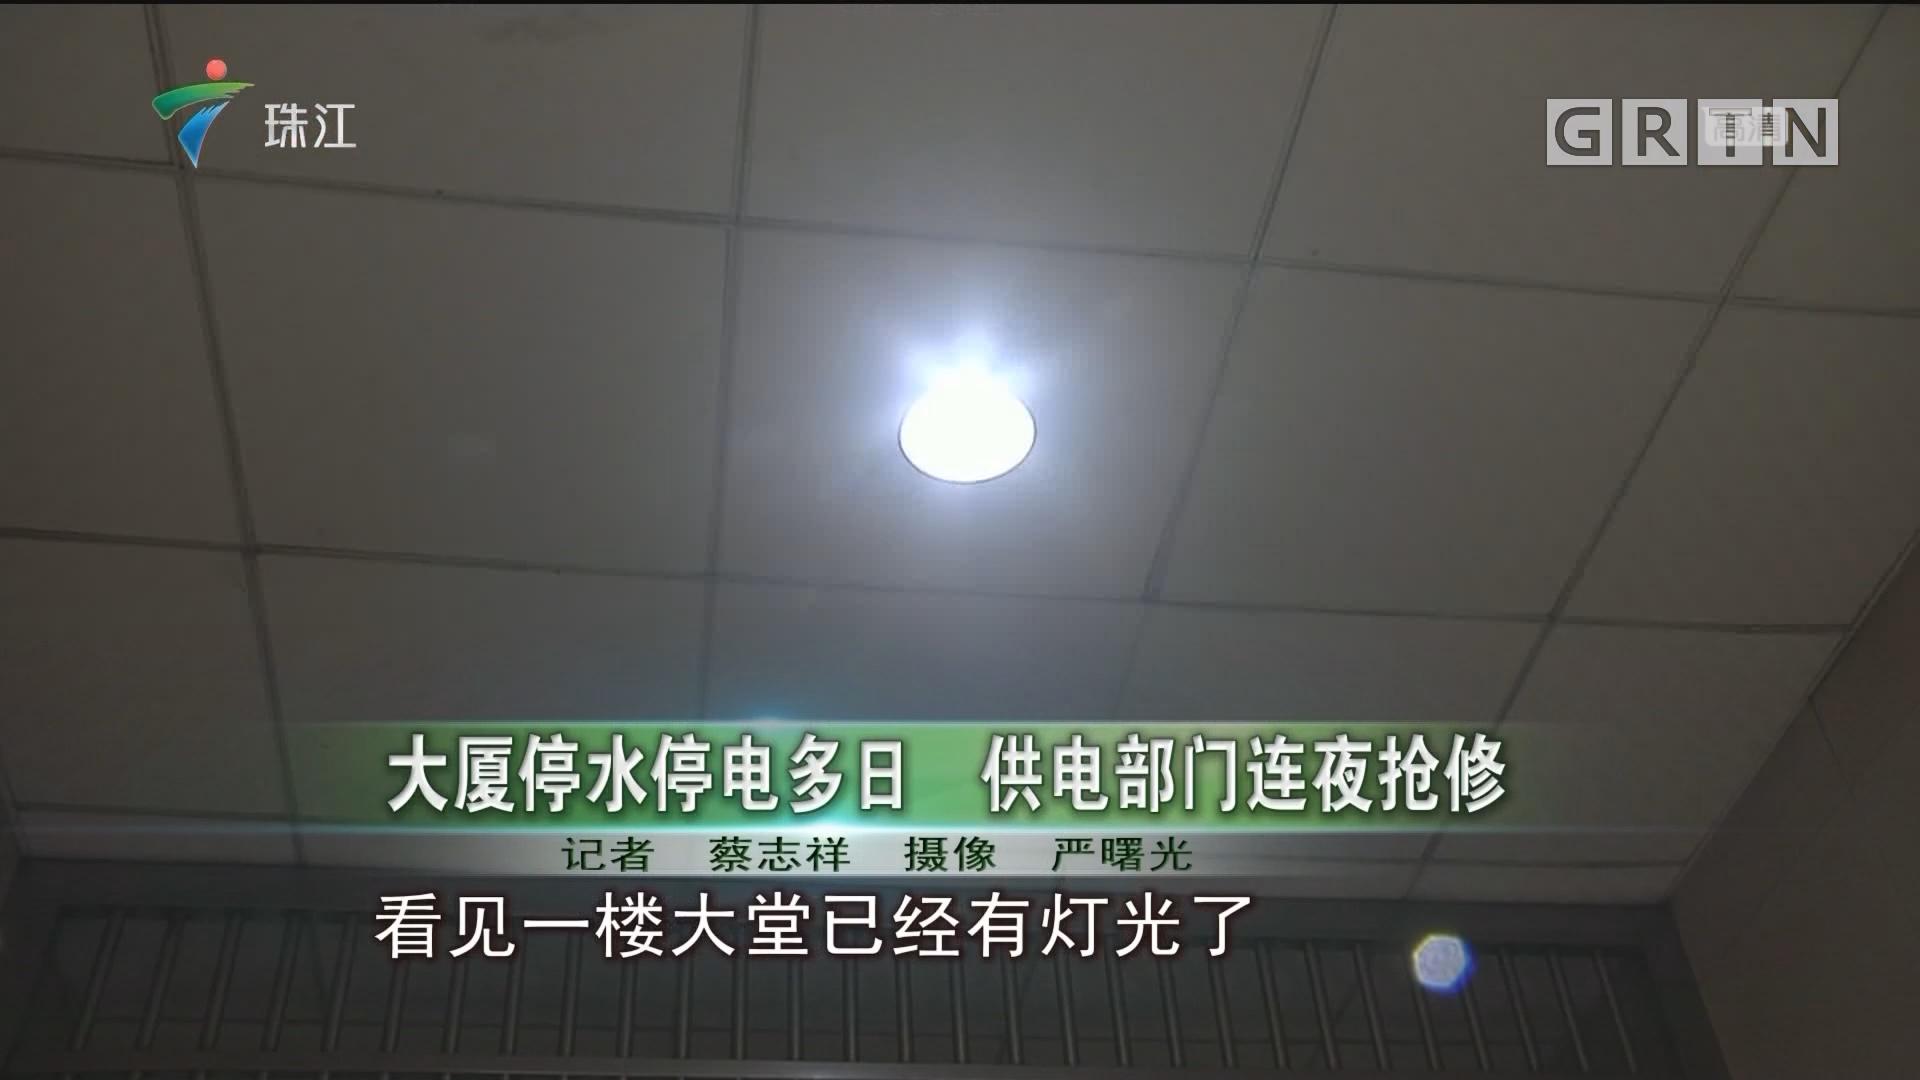 大厦停水停电多日 供电部门连夜抢修